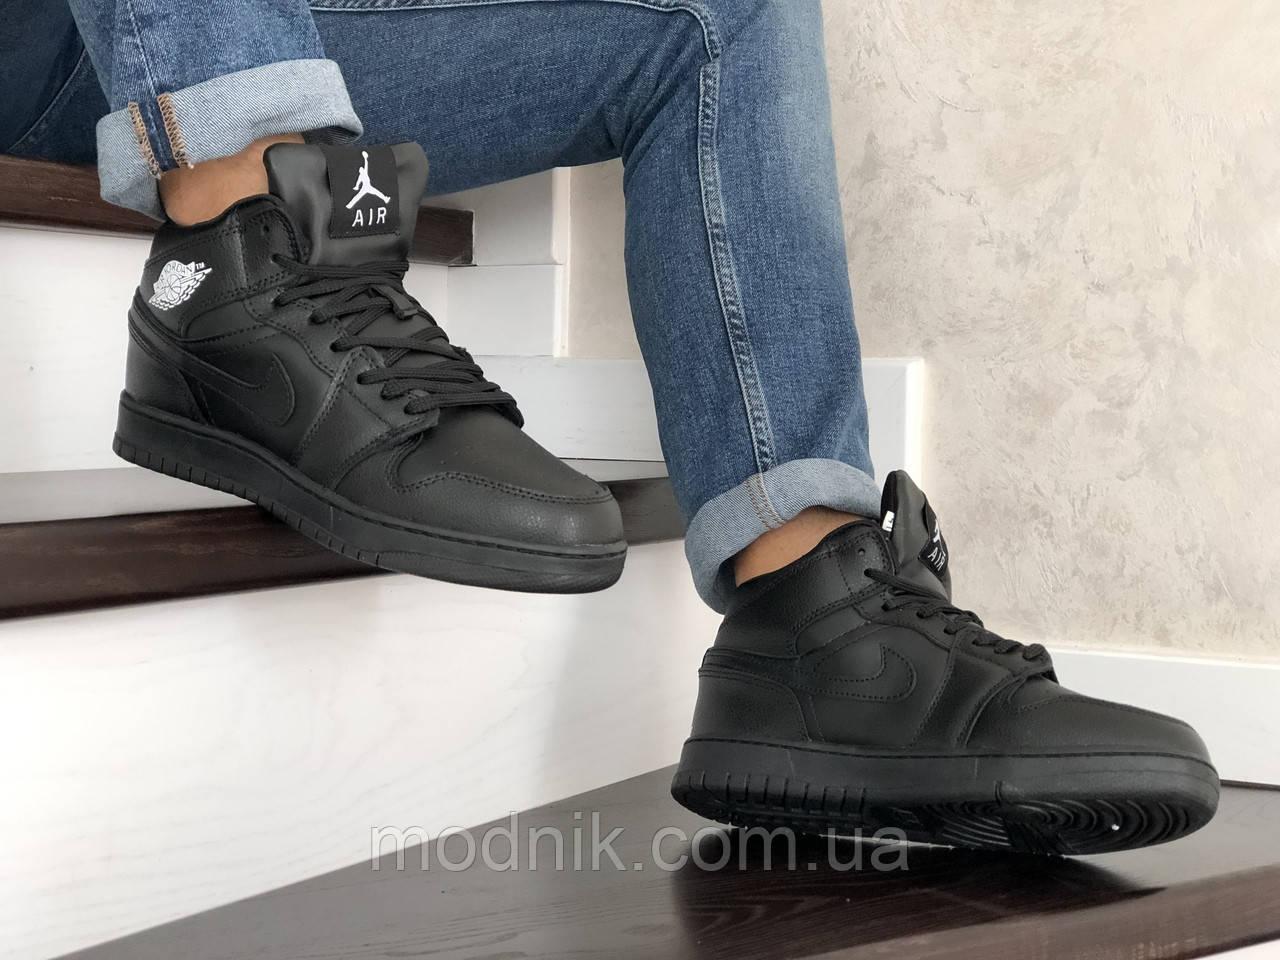 Мужские зимние кроссовки Nike Air Jordan 1 Retro (черные)